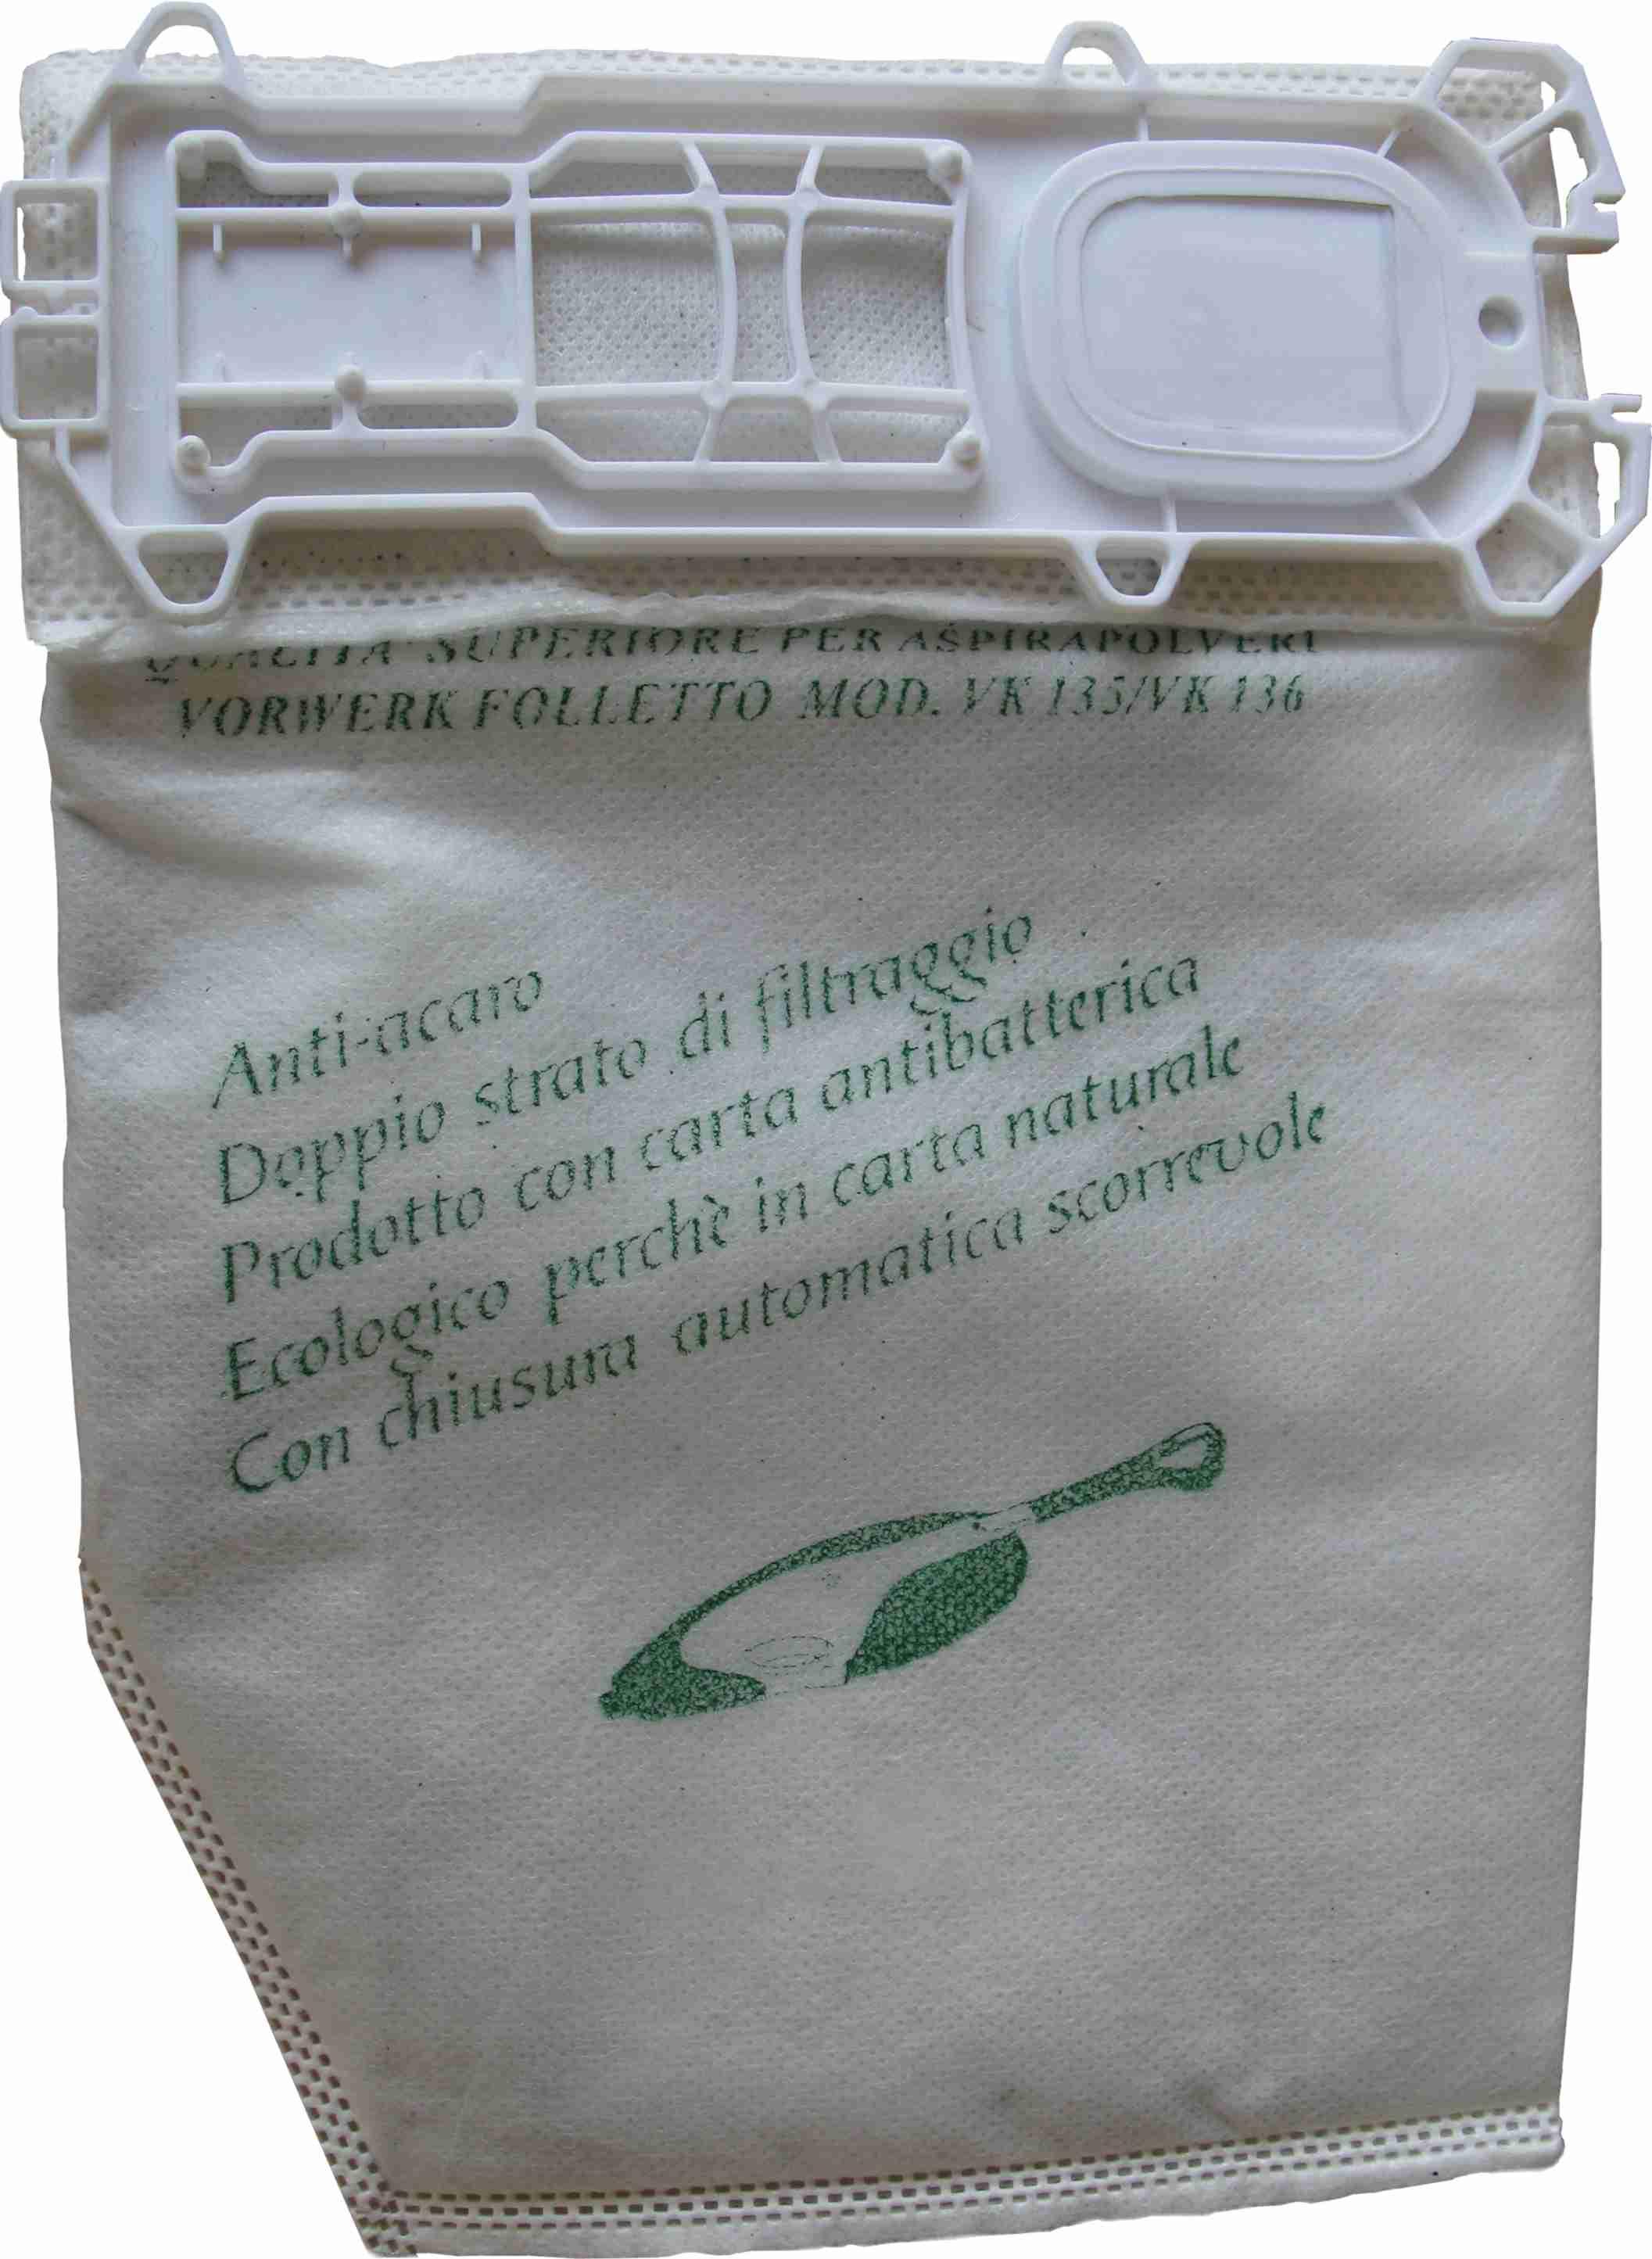 Filtračné vrecká a aktívny pachový filter VK135 / VK 136 / VK 140